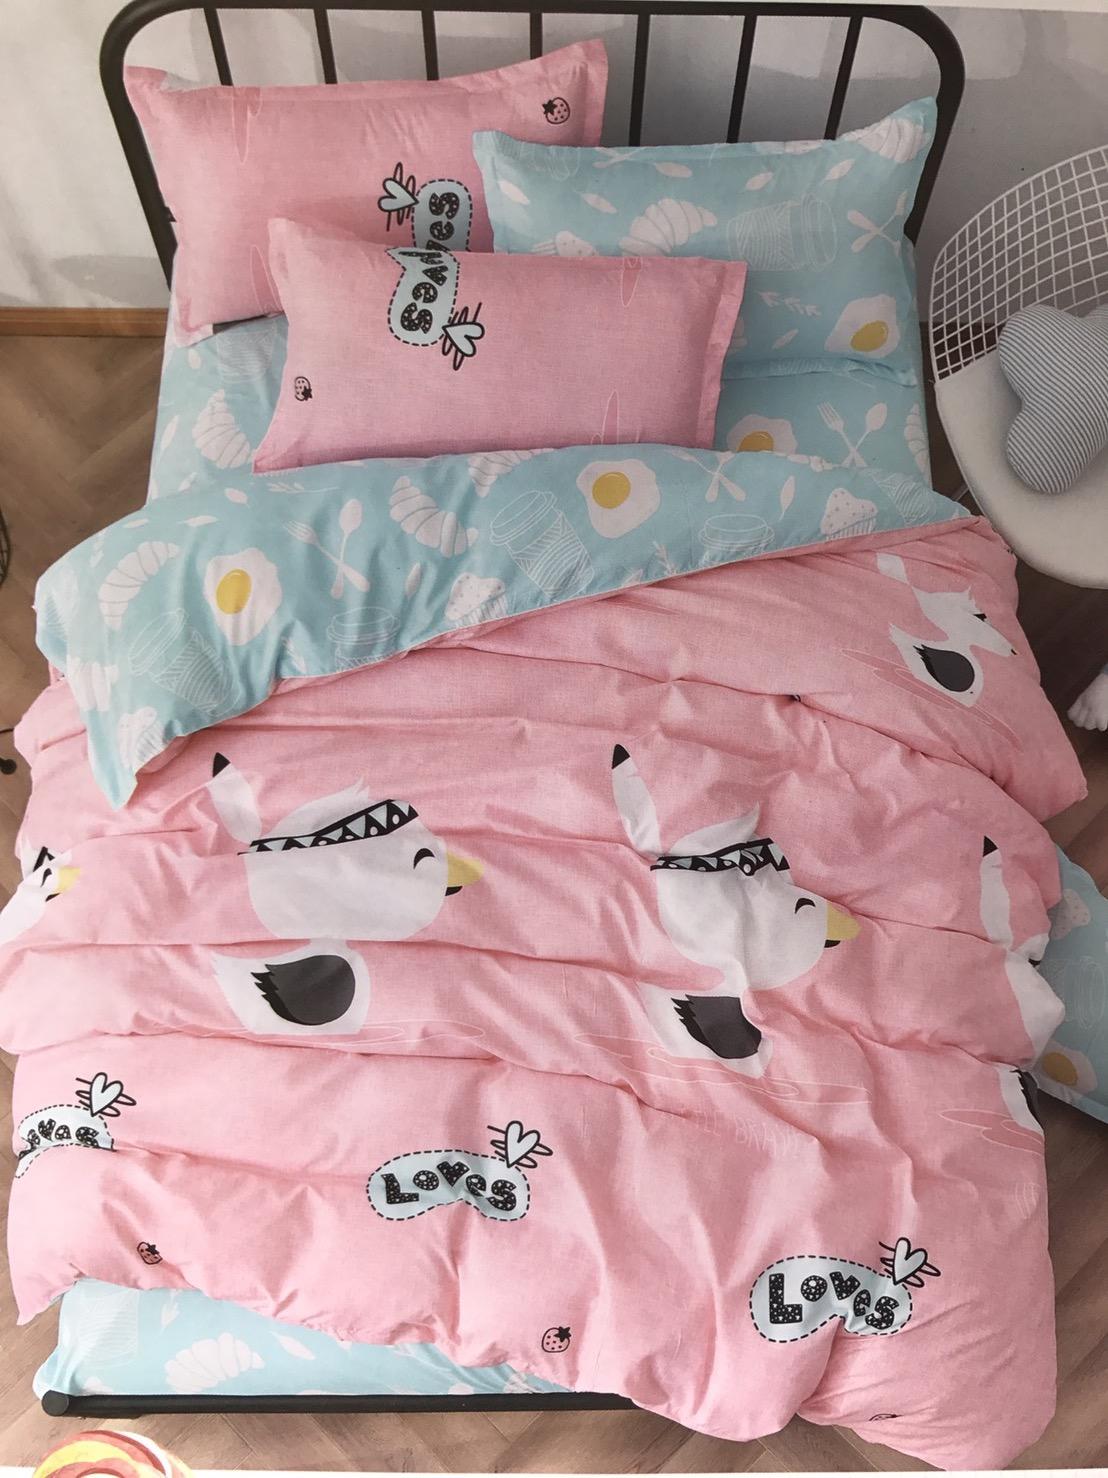 ชุดผ้าปูที่นอนลายสัตว์น่ารัก ขนาด 6 ฟุต, 5 ฟุต, 3.5 ฟุต